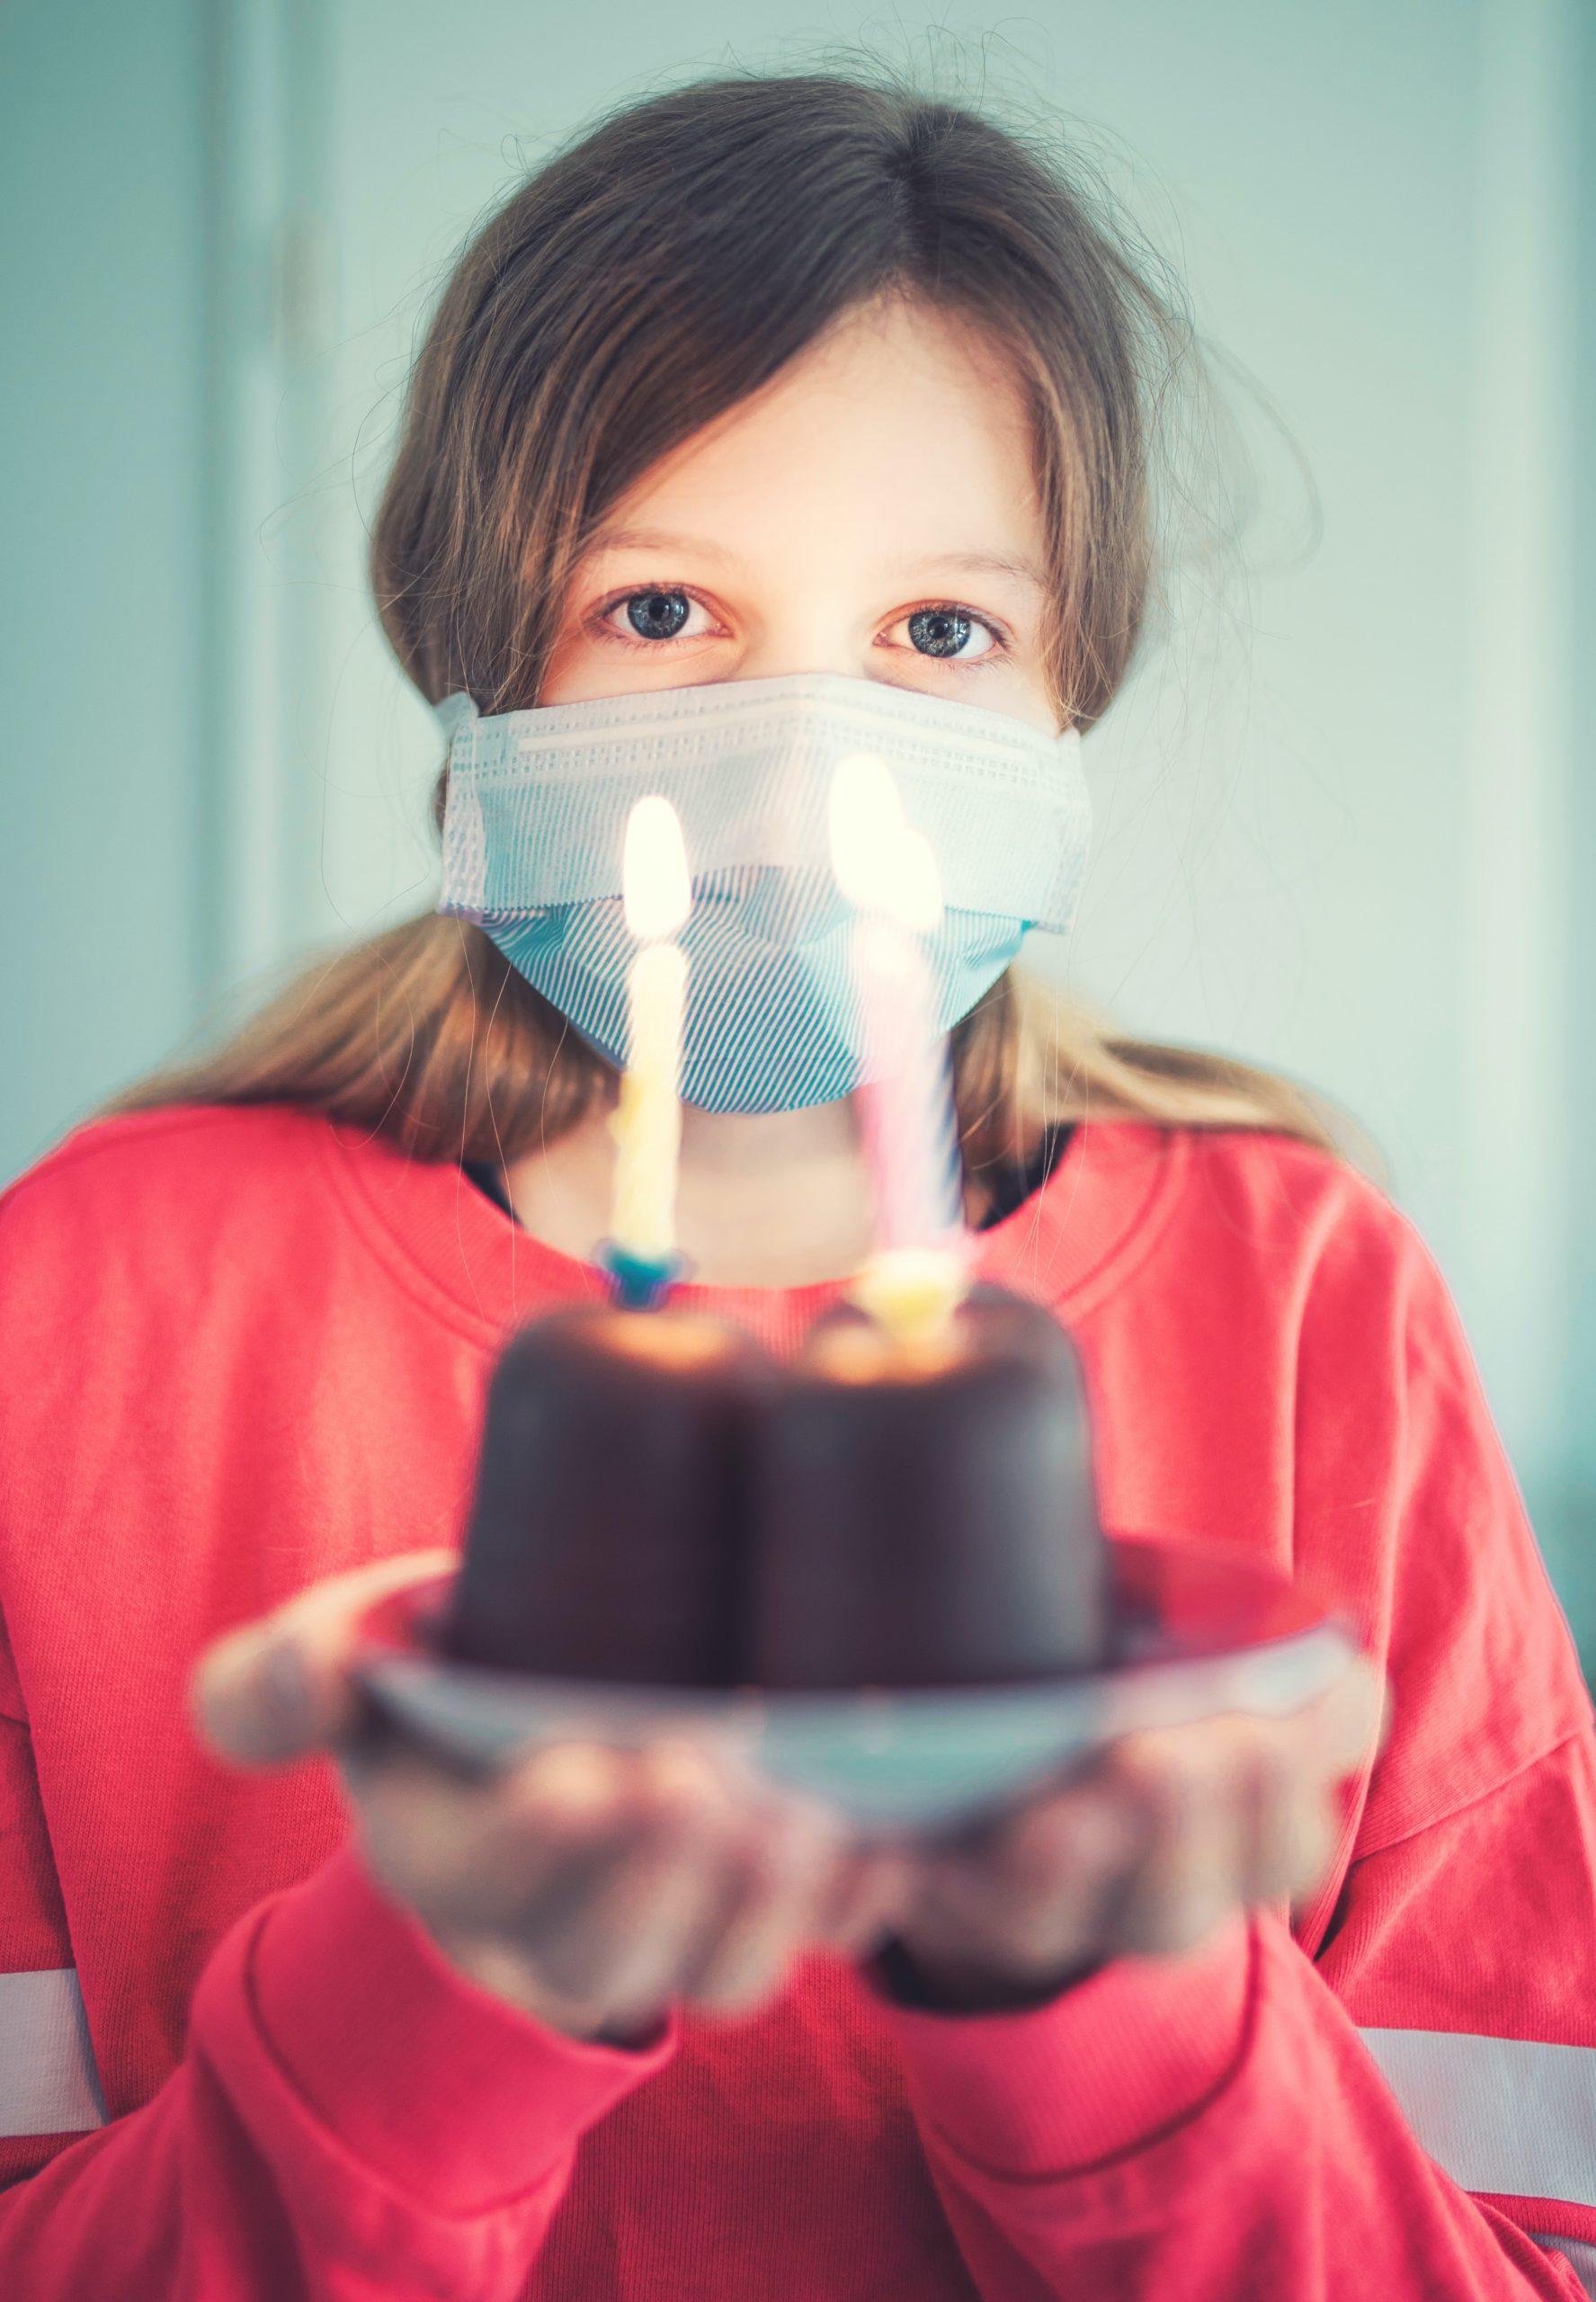 Foto van meisje met mondkapje